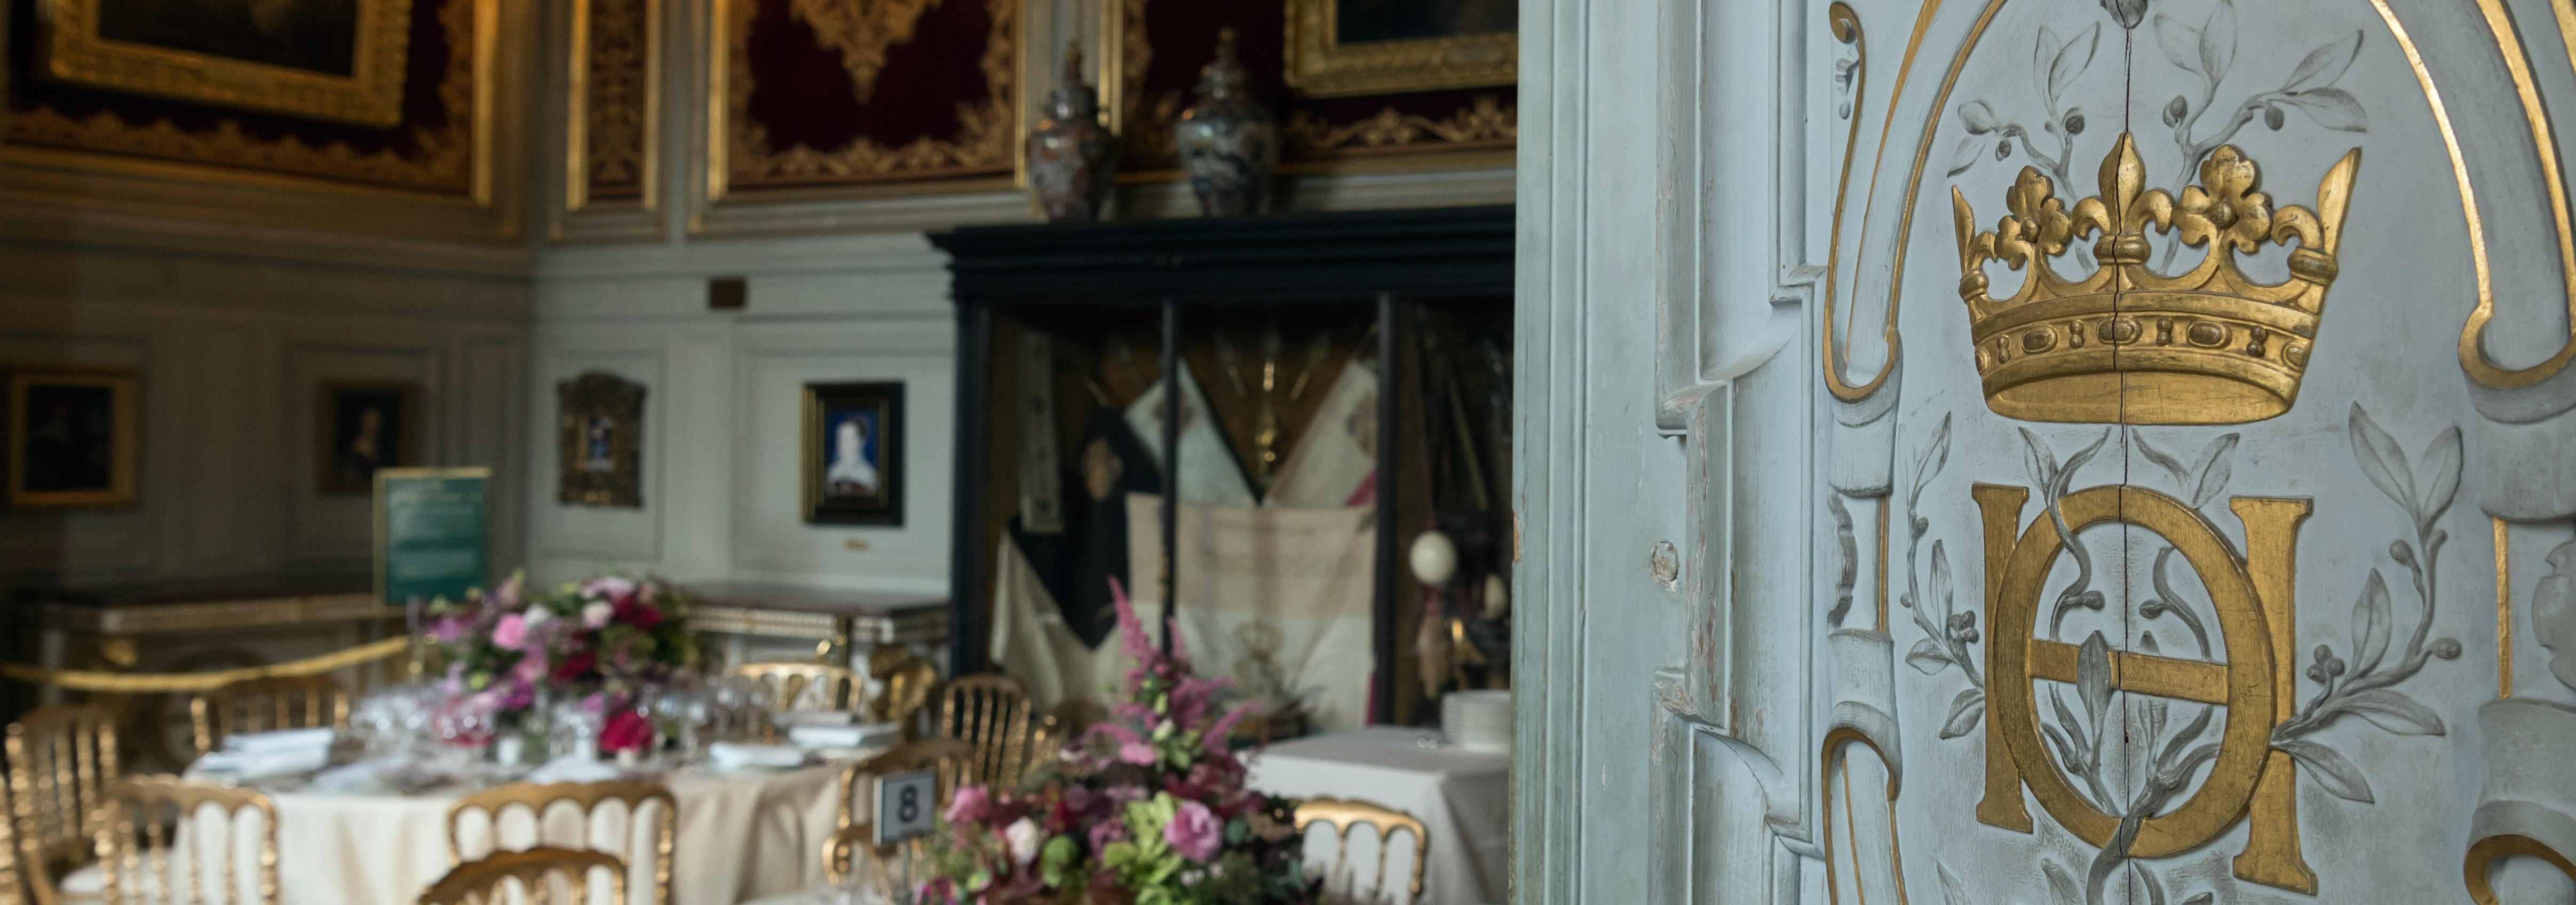 Première Soirée de Gala des « Friends of Domaine the Chantilly » le mardi 12 septembre 2017 au château de Chantilly